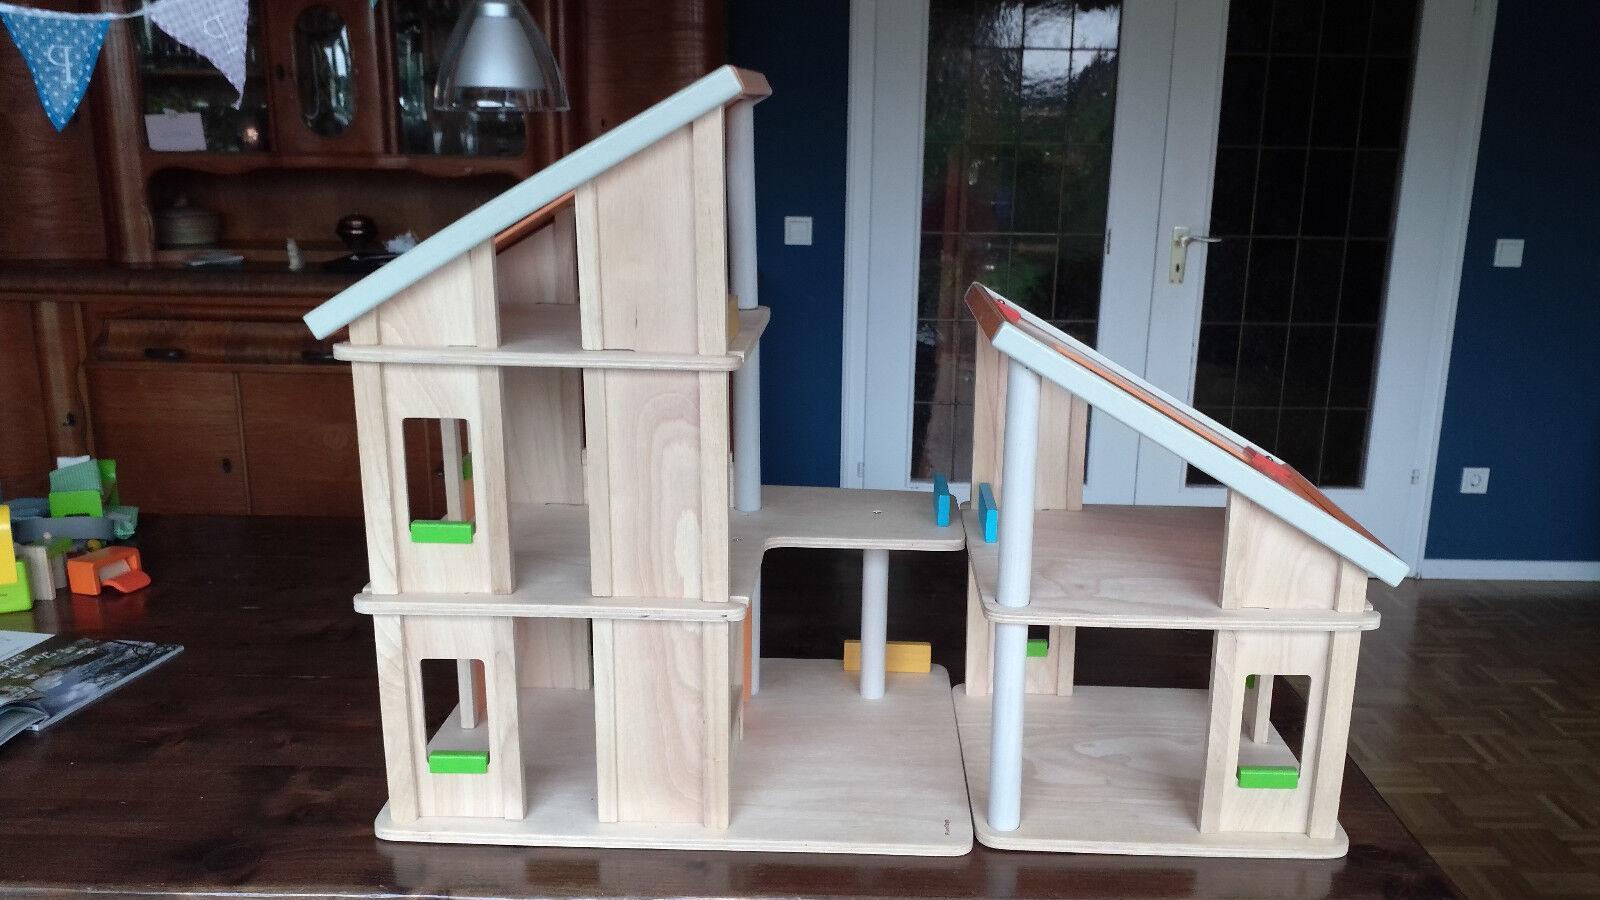 Plan Toys mit Puppenhaus Villa fast komplett eingerichtet mit Toys 4 Puppen bda013